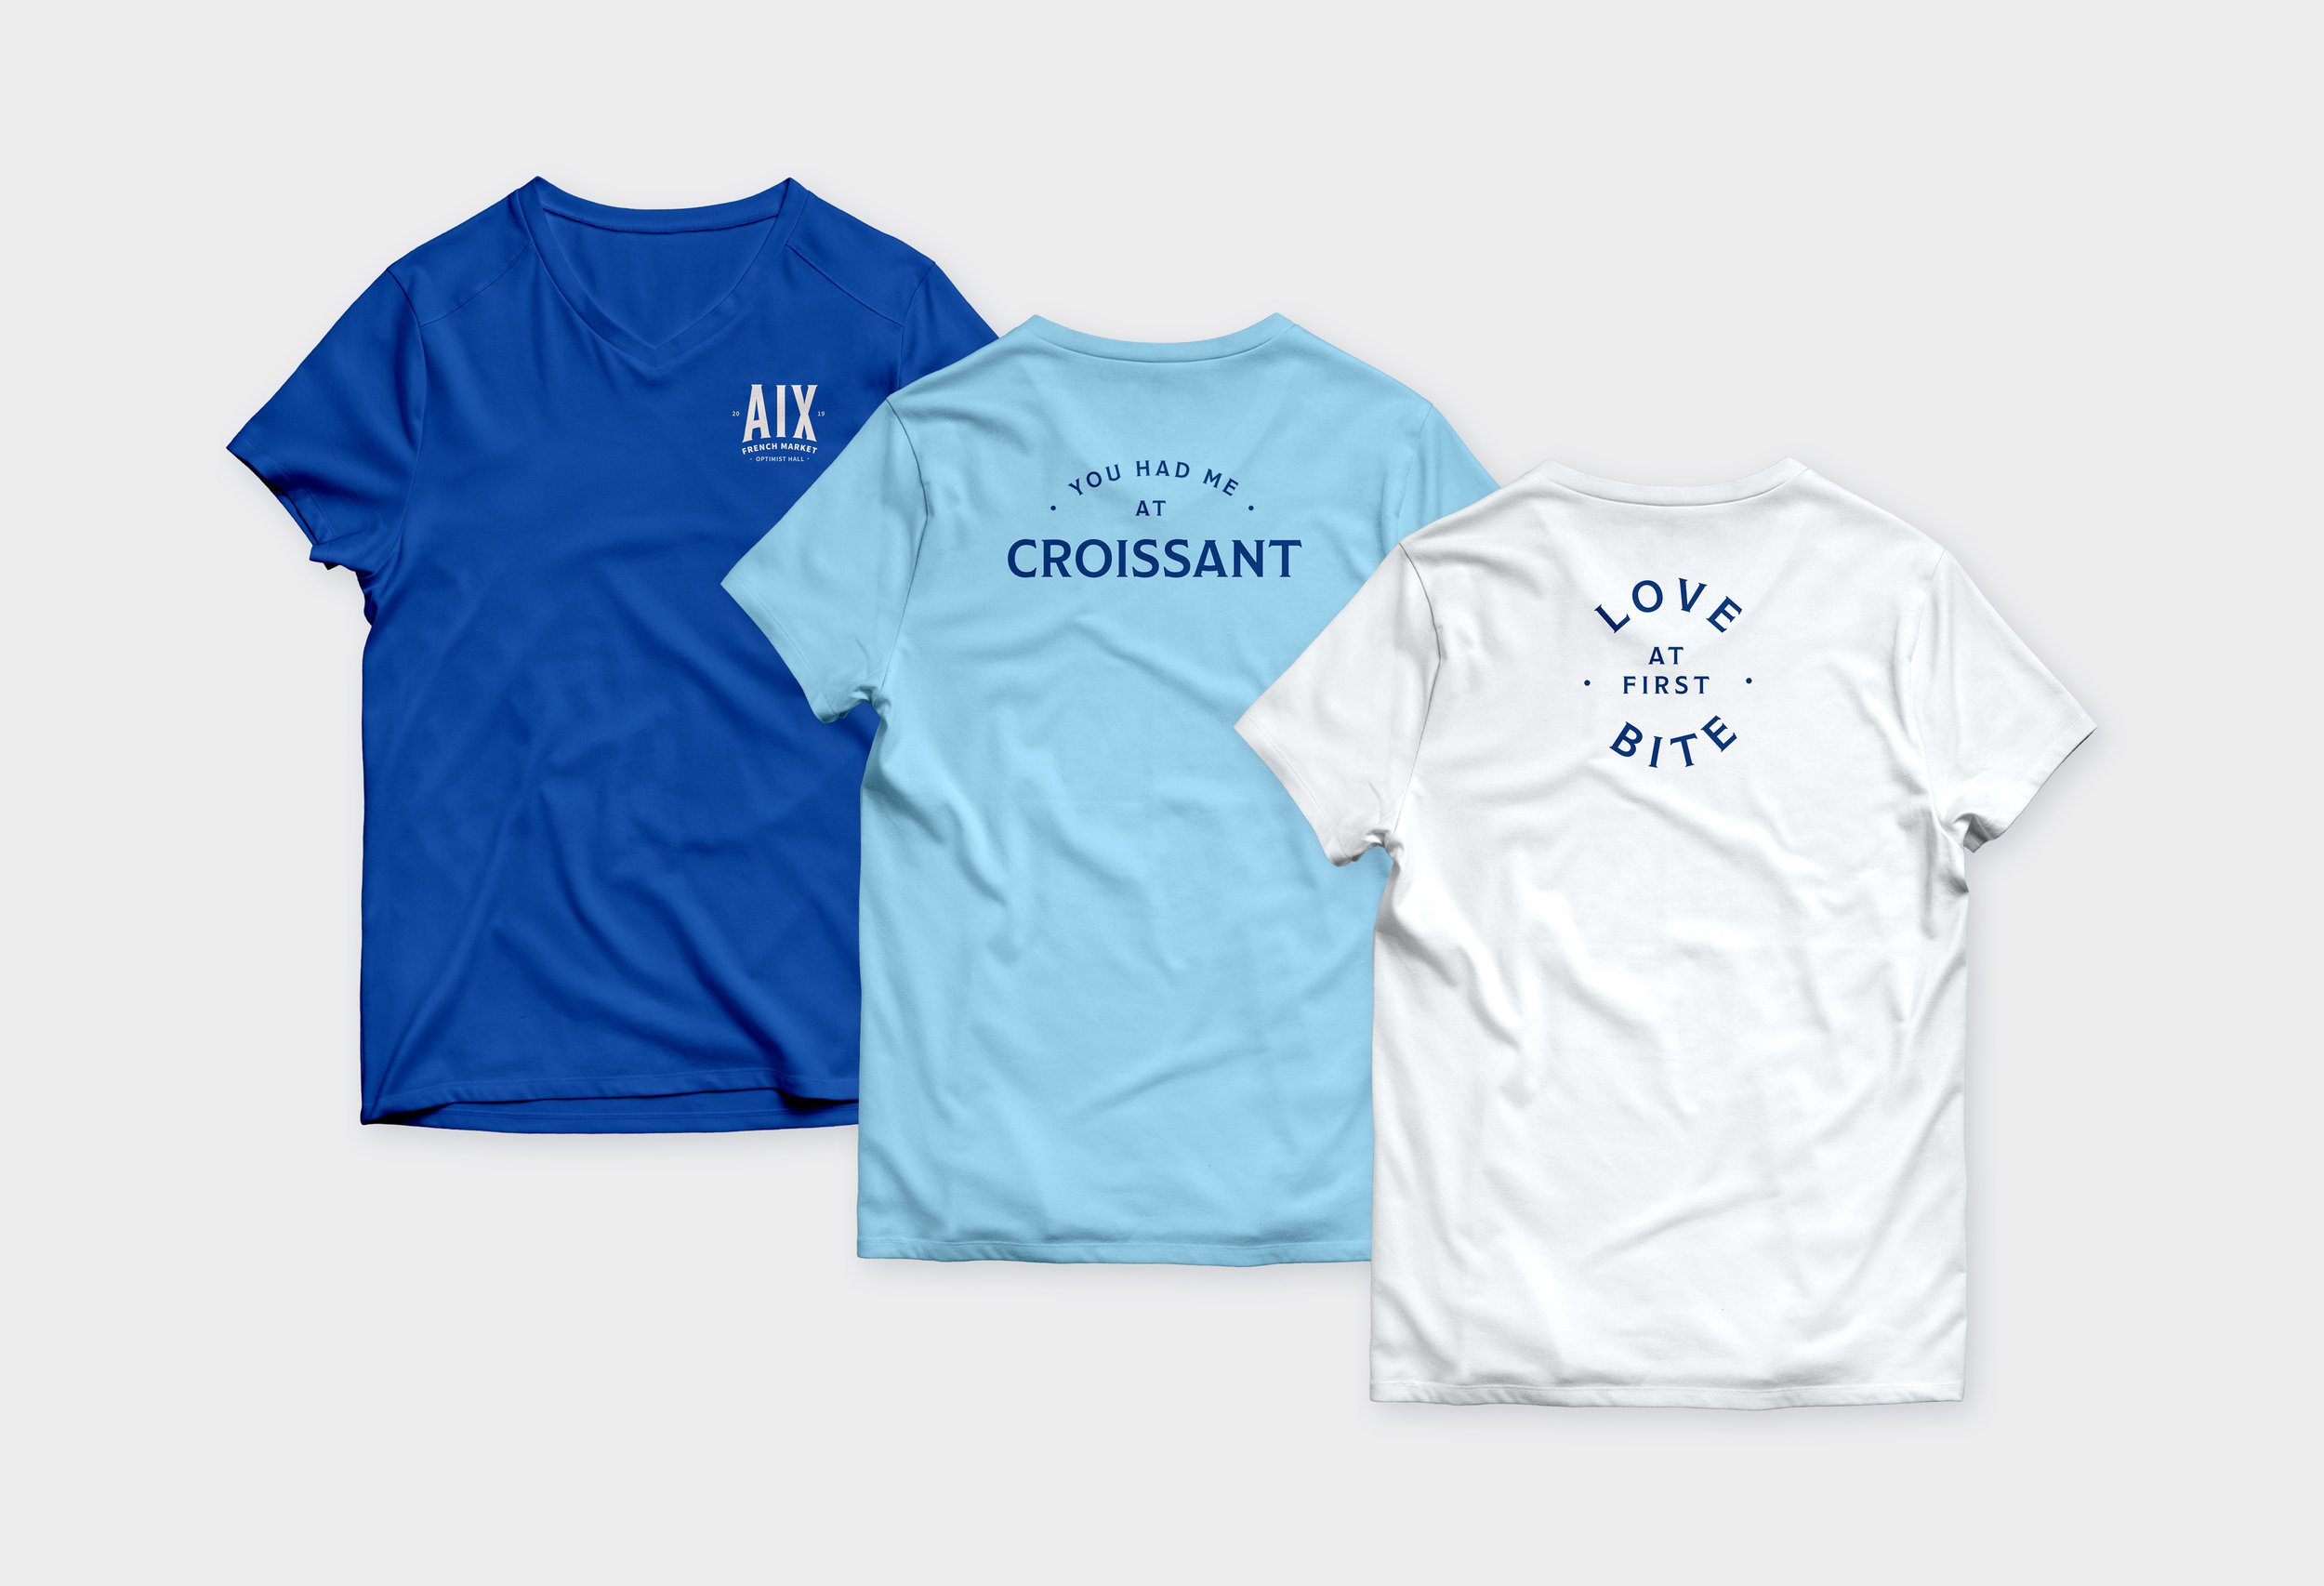 AIX_shirt_group.jpg